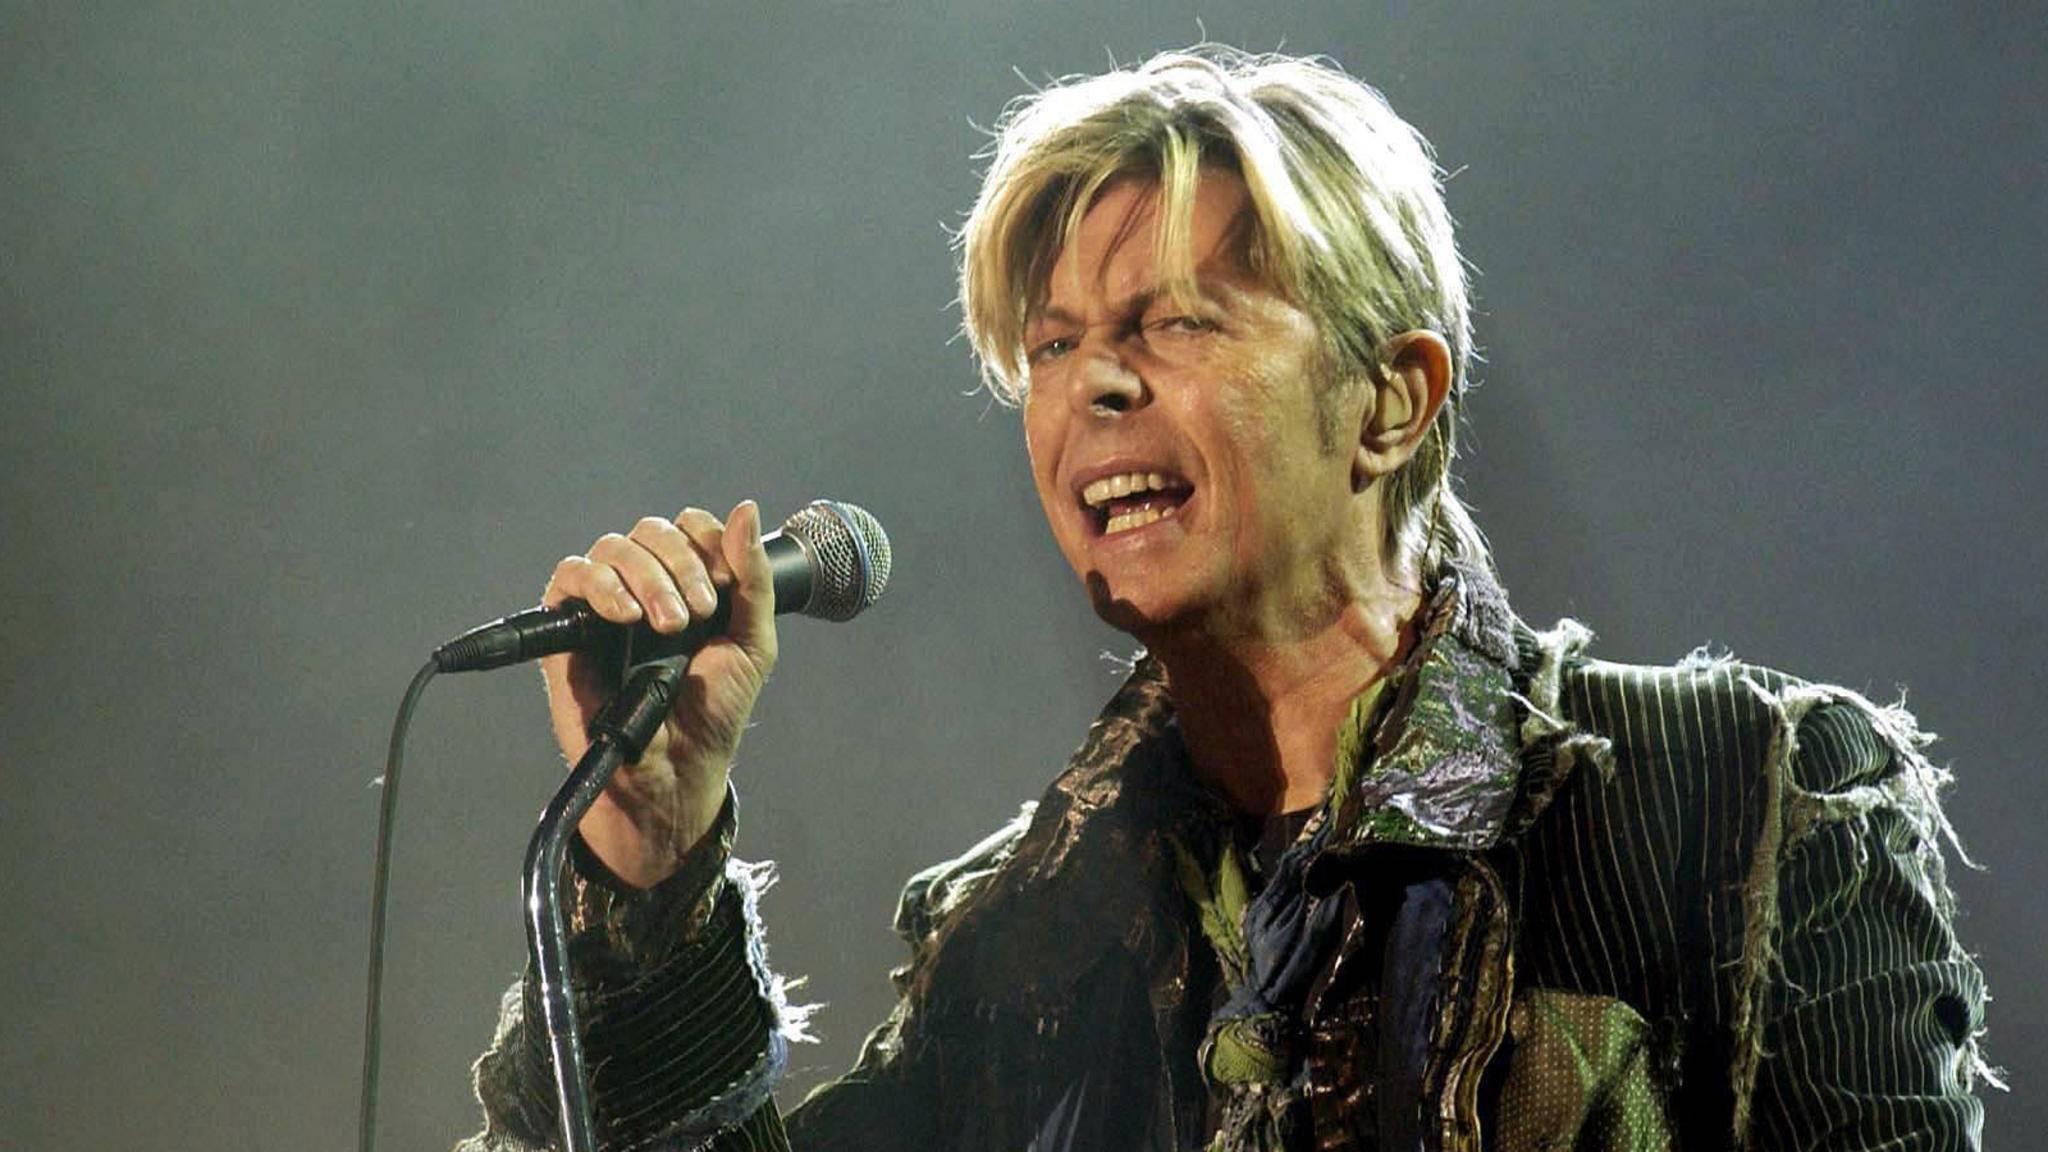 """David Bowie verstarb im Januar 2016 im Alter von 69 Jahren. Kurz vorher hatte er mit """"Blackstar"""" eines der bedeutendsten Alben des Jahres veröffentlicht."""